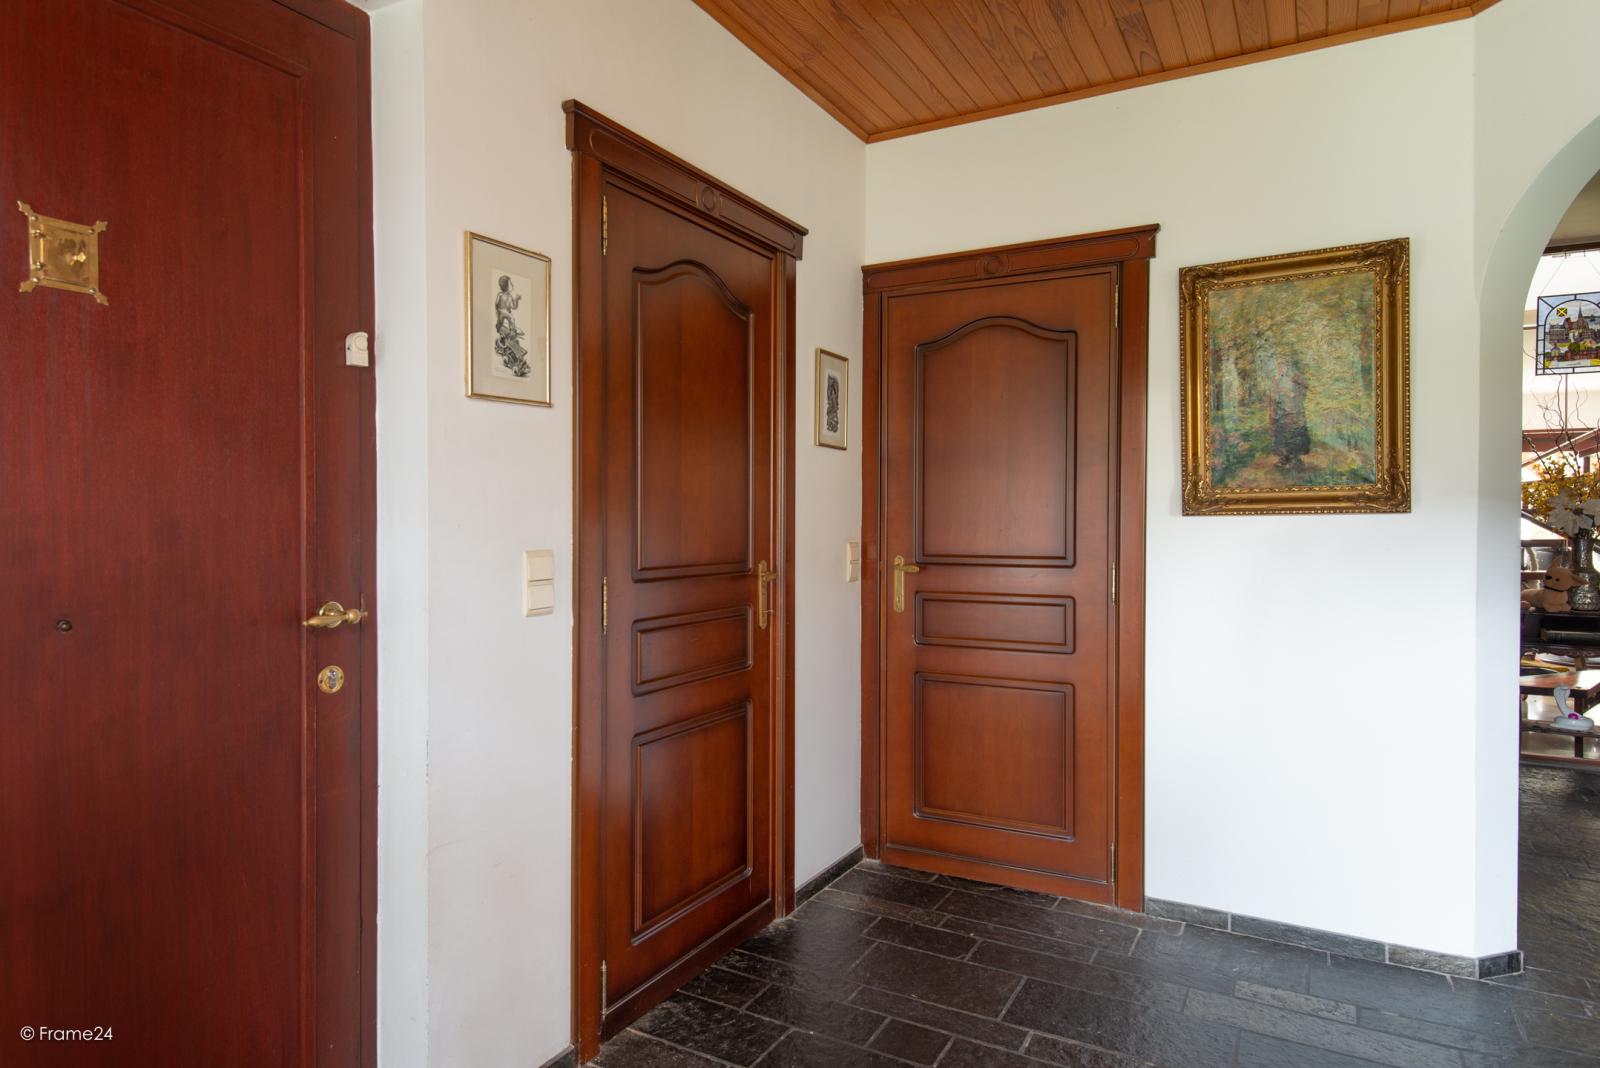 Zeer verzorgde halfopen woning met drie slaapkamers, garage, leuke tuin en gelegen op een toplocatie te Wijnegem!  afbeelding 10